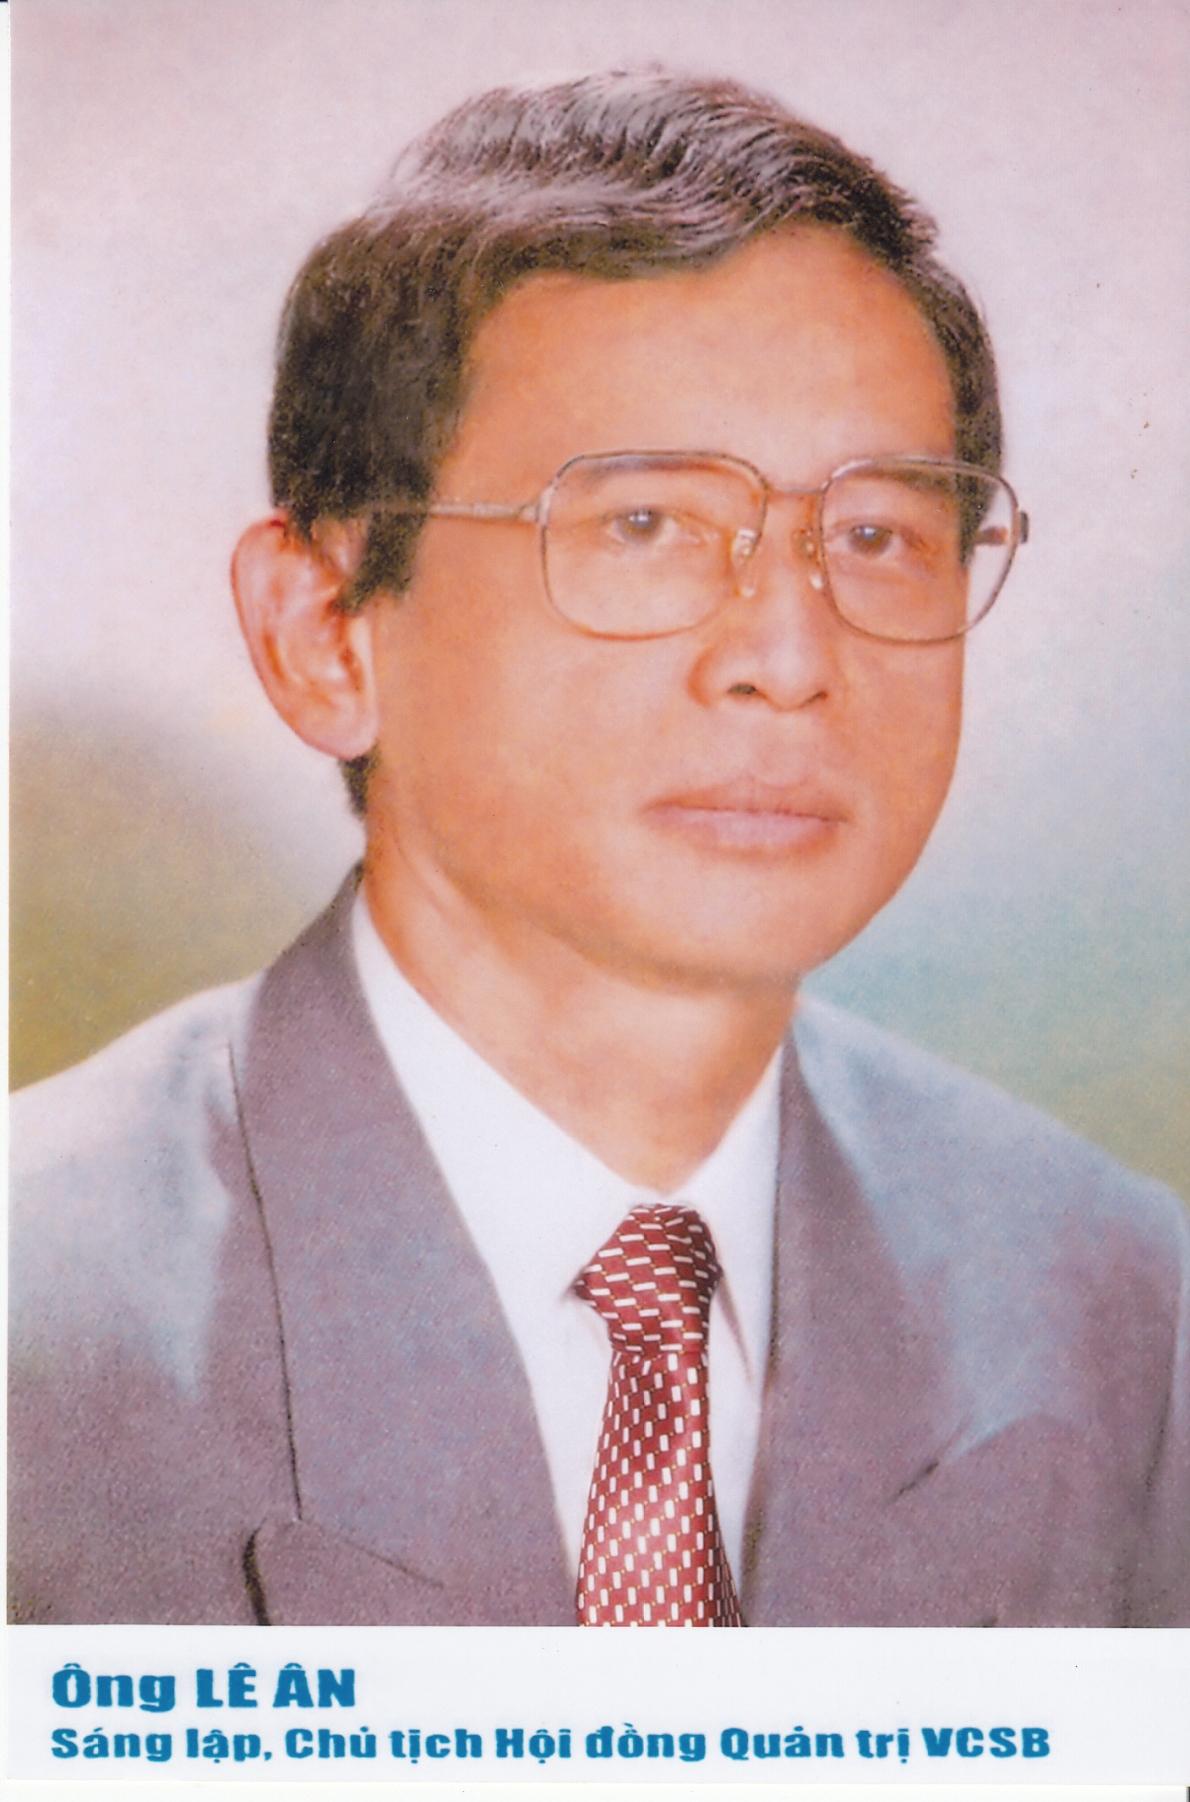 Tỉnh Bà Rịa-Vũng Tàu: Đại gia Lê Ân đề nghị được minh oan, vì vụ án không có khách thể bị xâm hại!